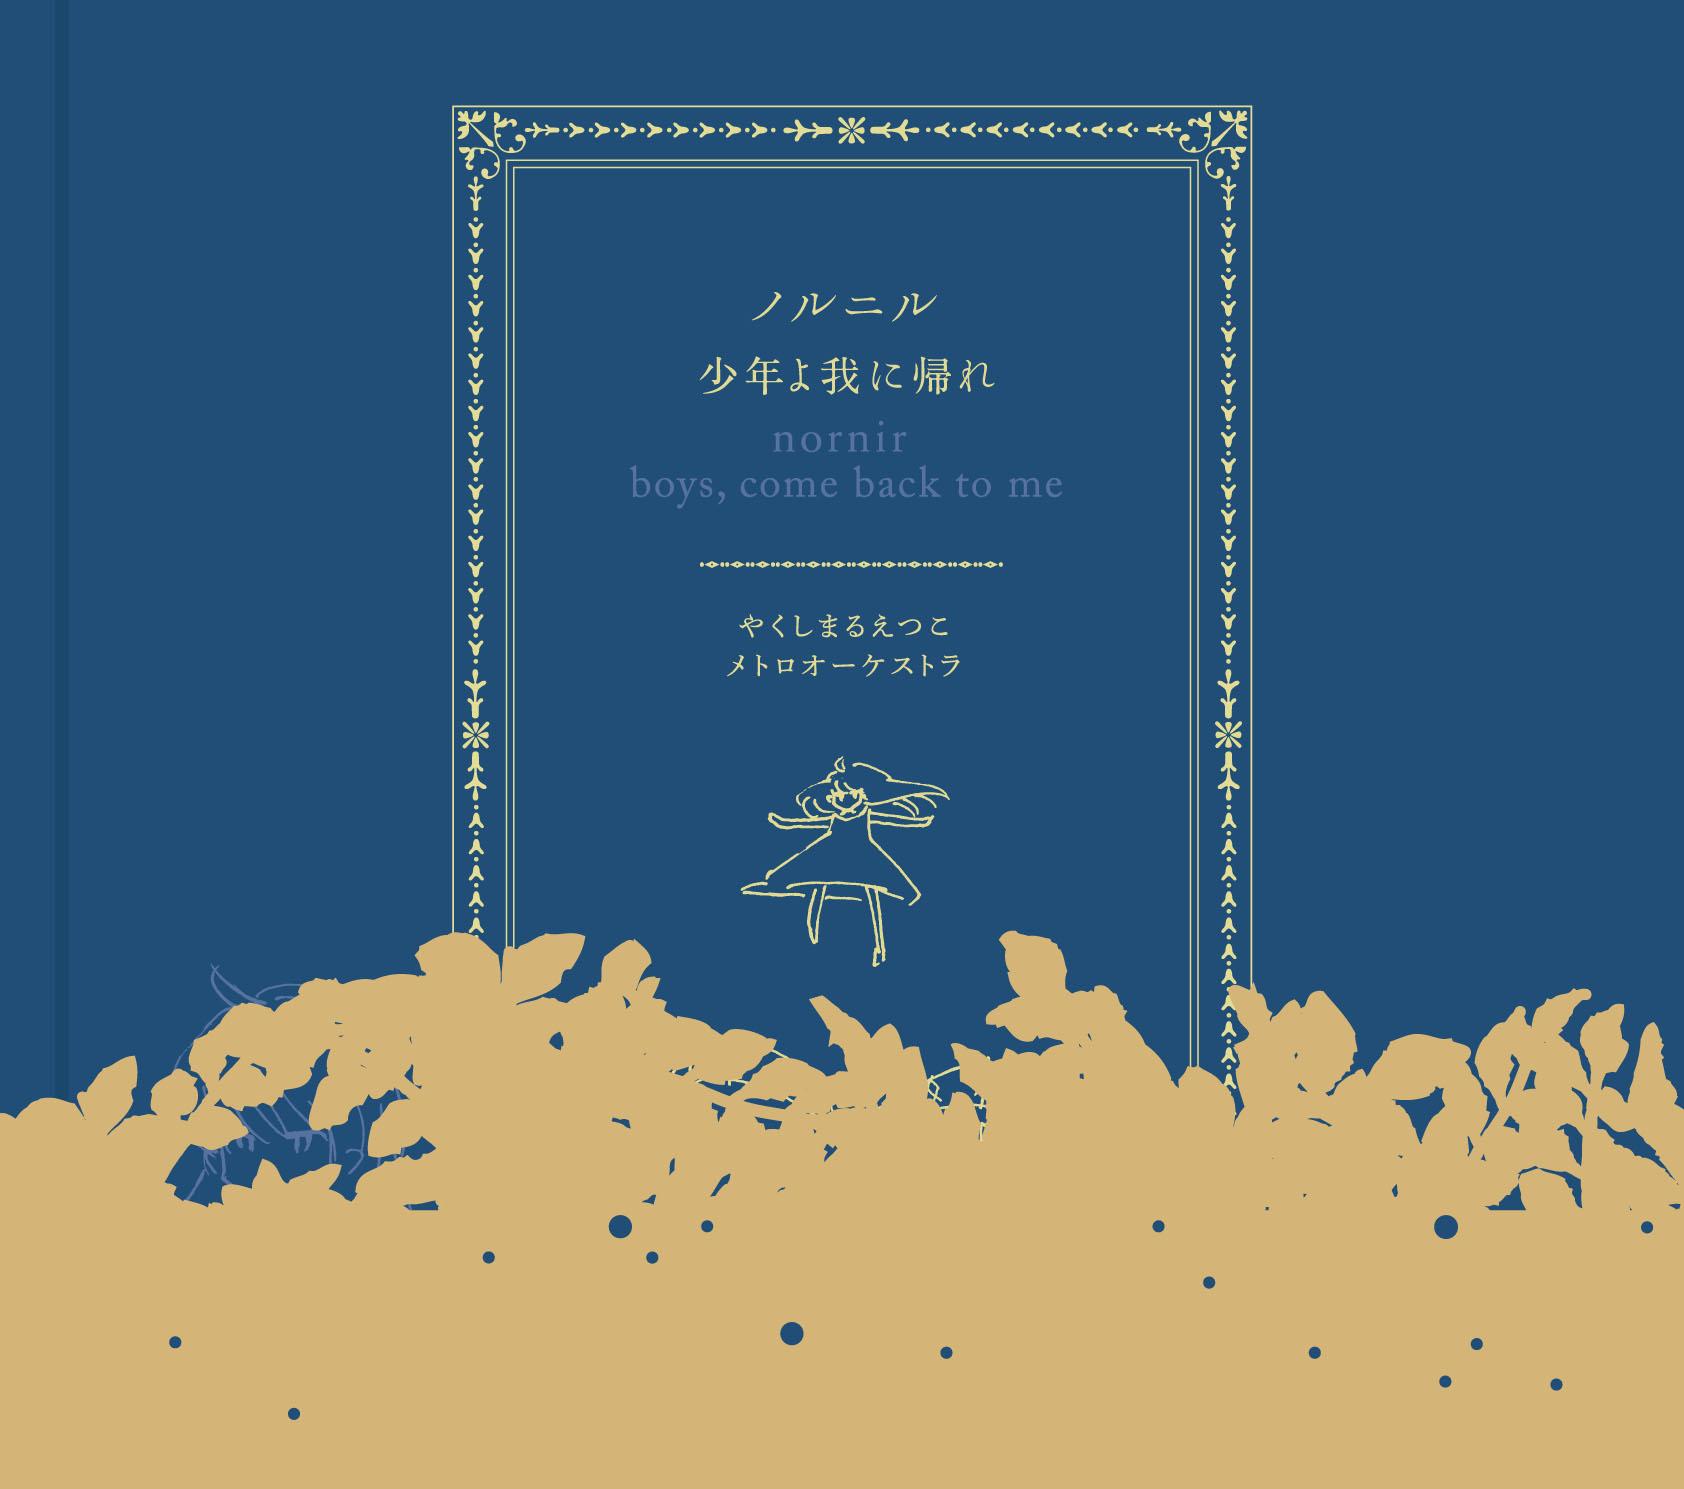 やくしまるえつこ 5thシングル『ノルニル・少年よ我に帰れ』(2011年10月5日発売) 高画質ジャケット画像